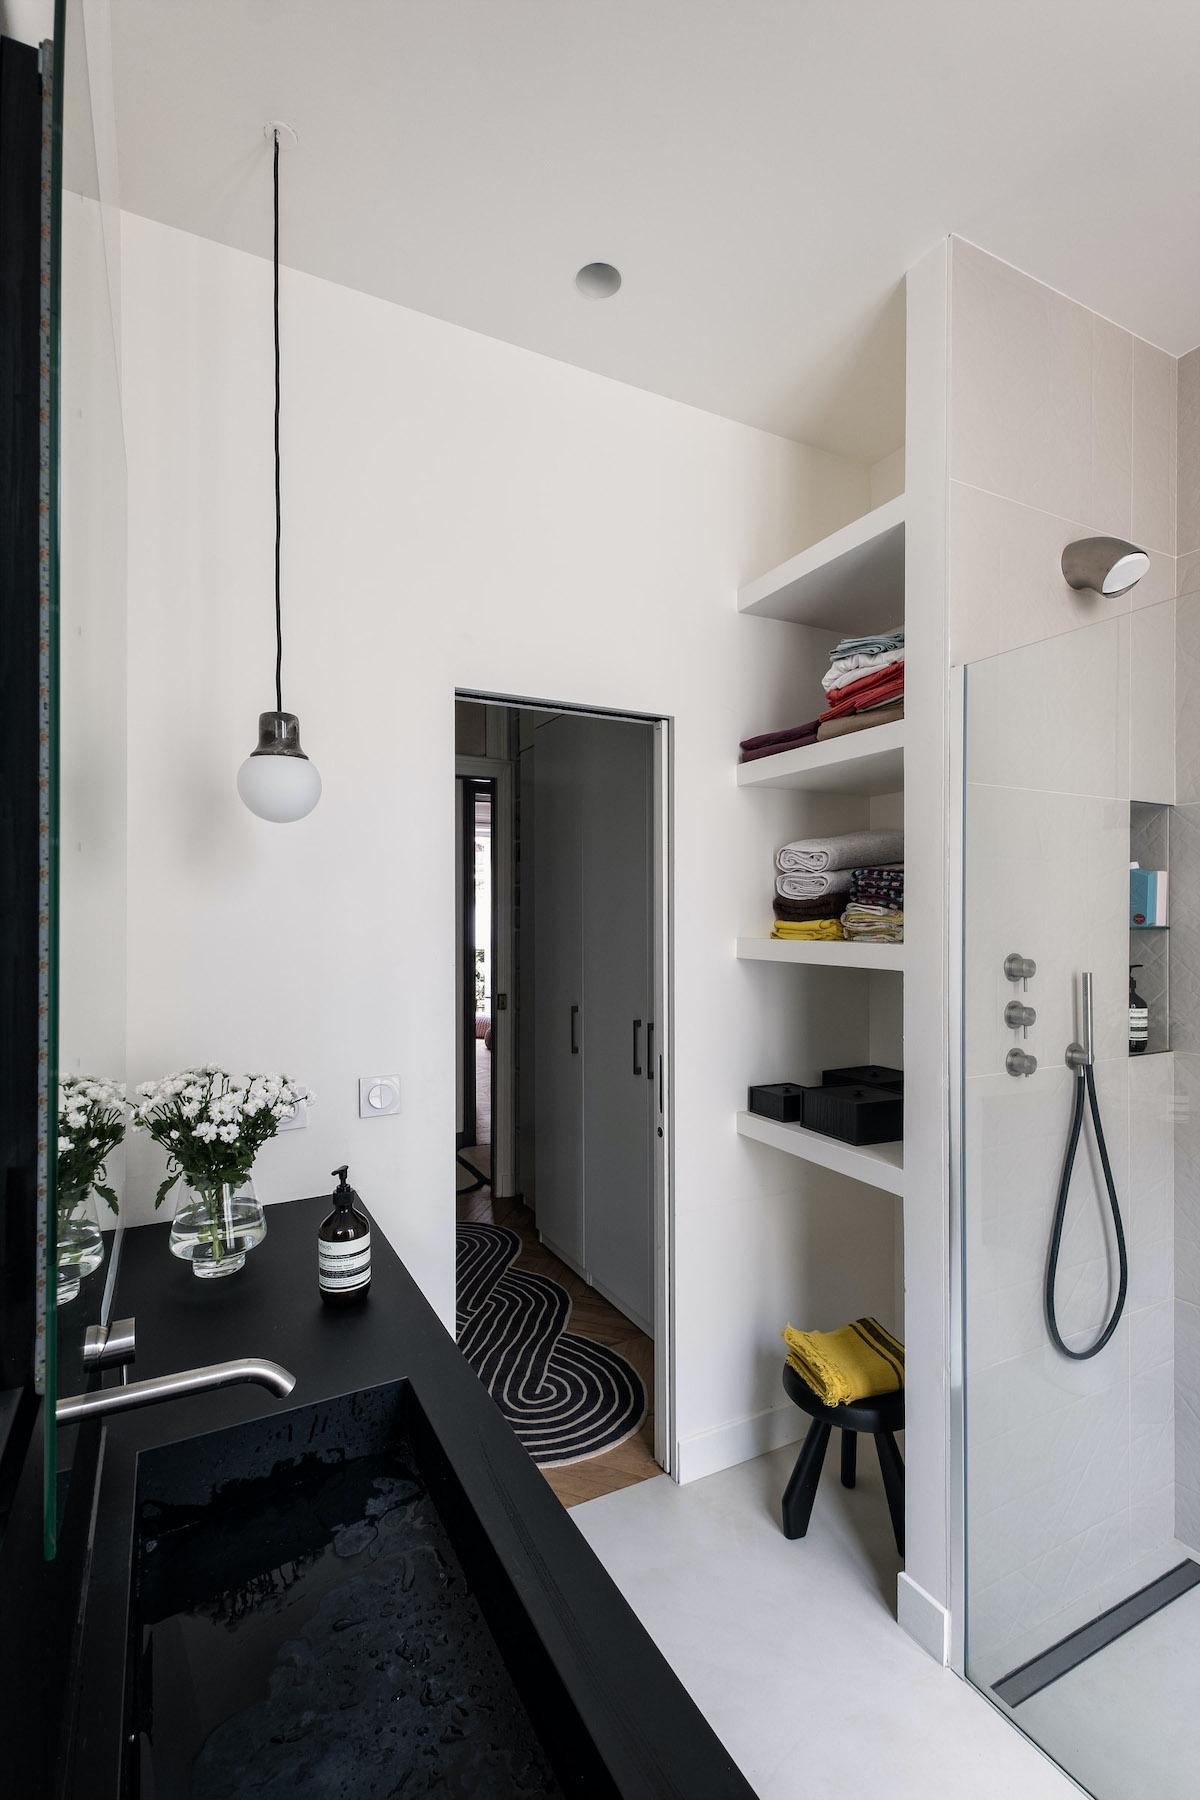 mini salle de douche italienne noire grise blanche parisian style - blog déco - clemaroundthecorner